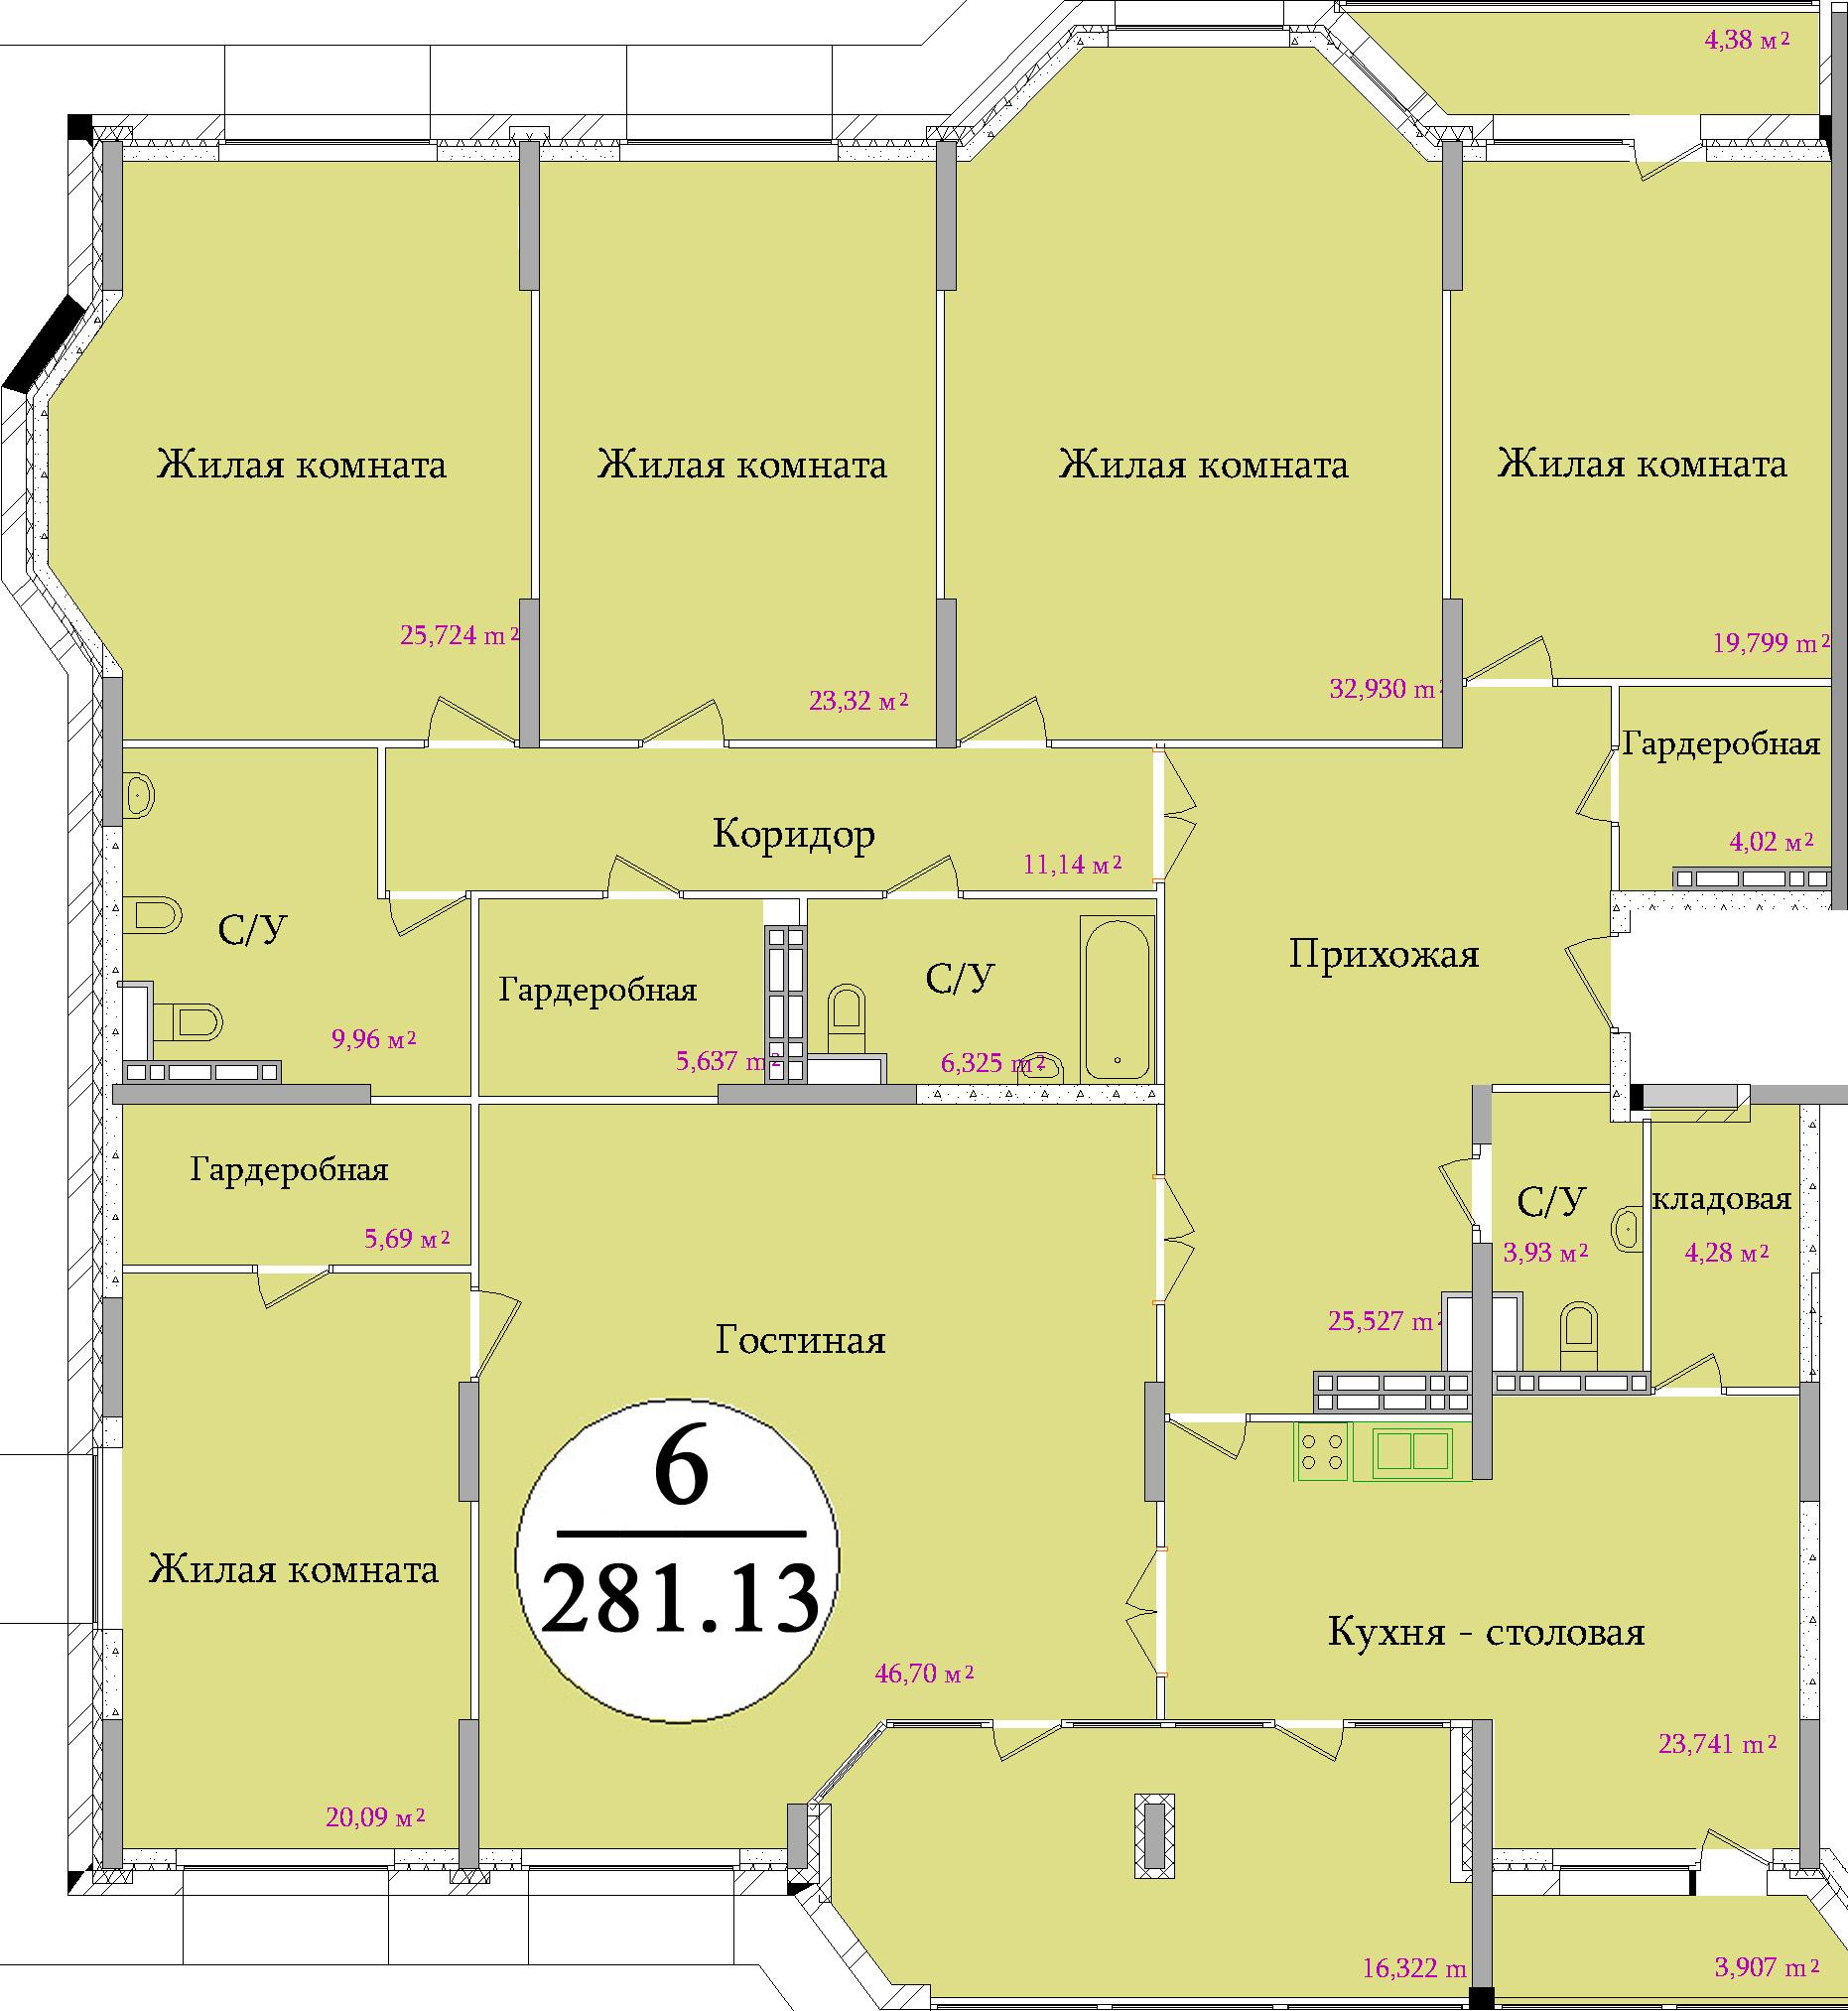 Планировка шестикомнатной квартиры площадью 281,13 м2 ЖК НА ПЕРВОМАЙСКОЙ по улице Первомайская в городе Туле